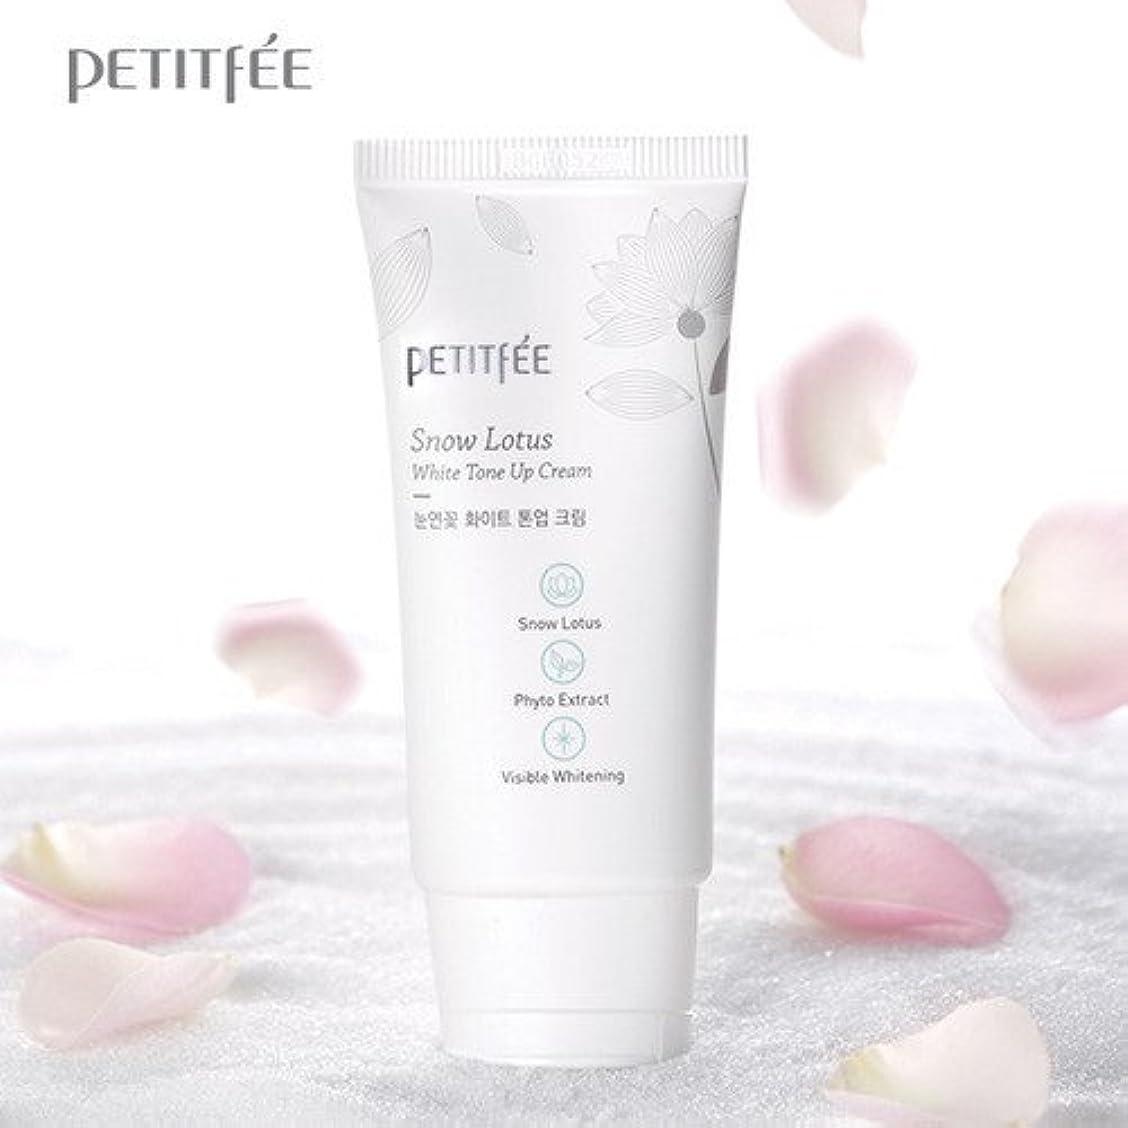 法的こするゴミ箱PETITFEE(プチペ) スノーはすばなホワイトトンアップクリーム 50ml/ Petitfee Snow Lotus White Tone Up Cream 50ml [並行輸入品]